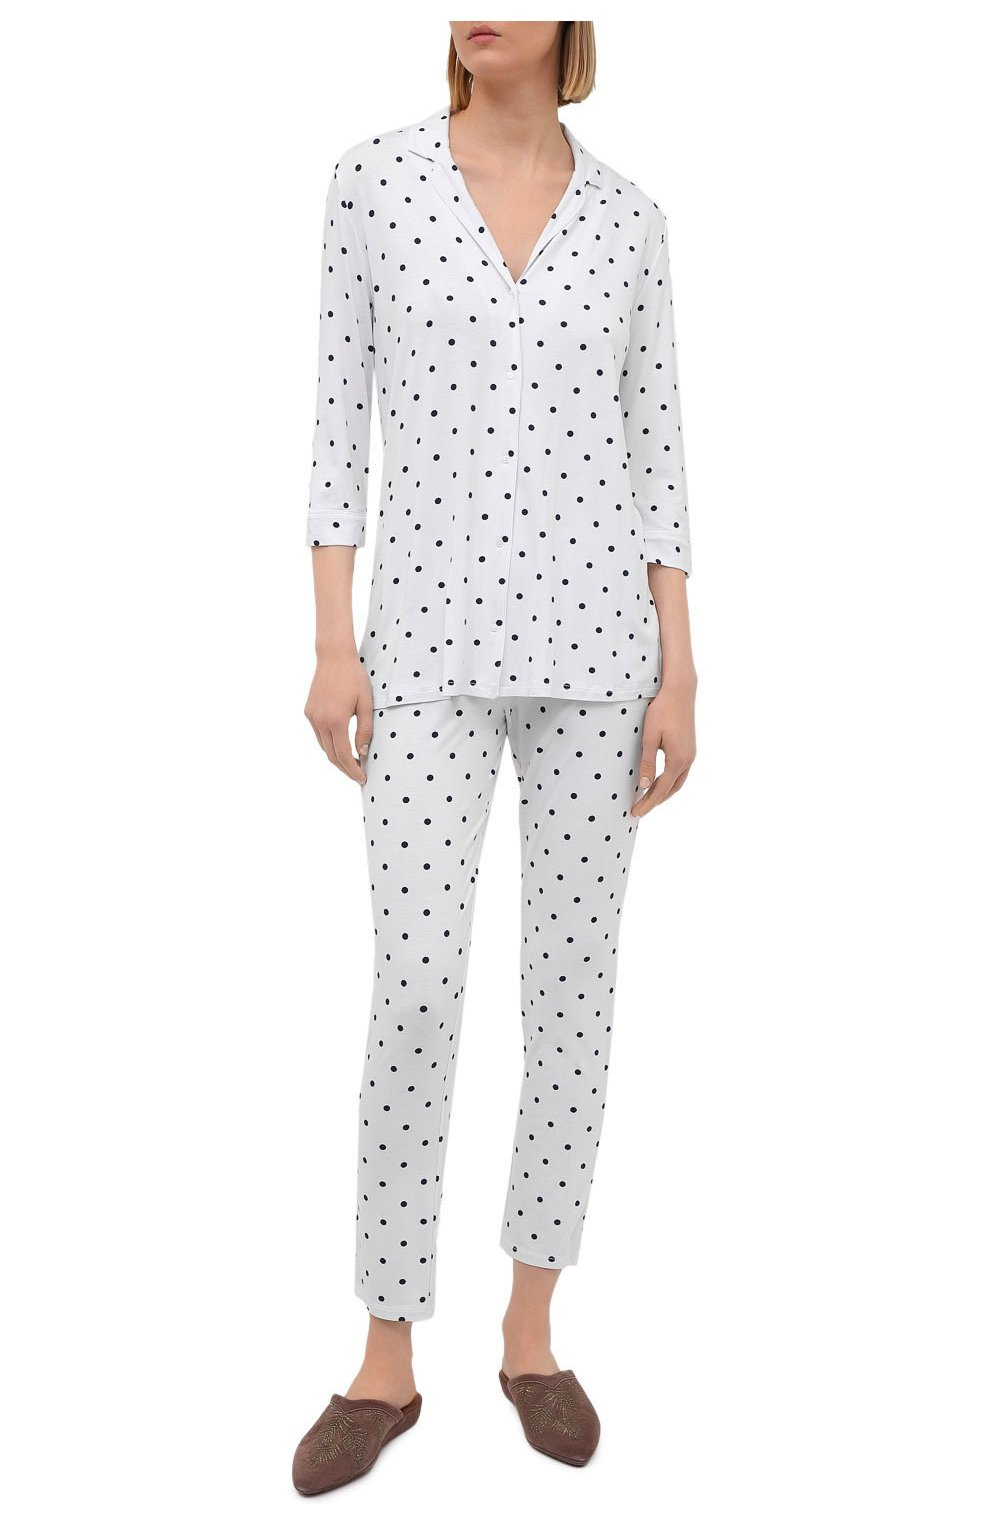 Женская пижама из вискозы LE CHAT белого цвета, арт. BELLAGIO106 | Фото 1 (Длина Ж (юбки, платья, шорты): Мини; Длина (брюки, джинсы): Стандартные; Длина (для топов): Стандартные; Материал внешний: Вискоза; Рукава: 3/4)